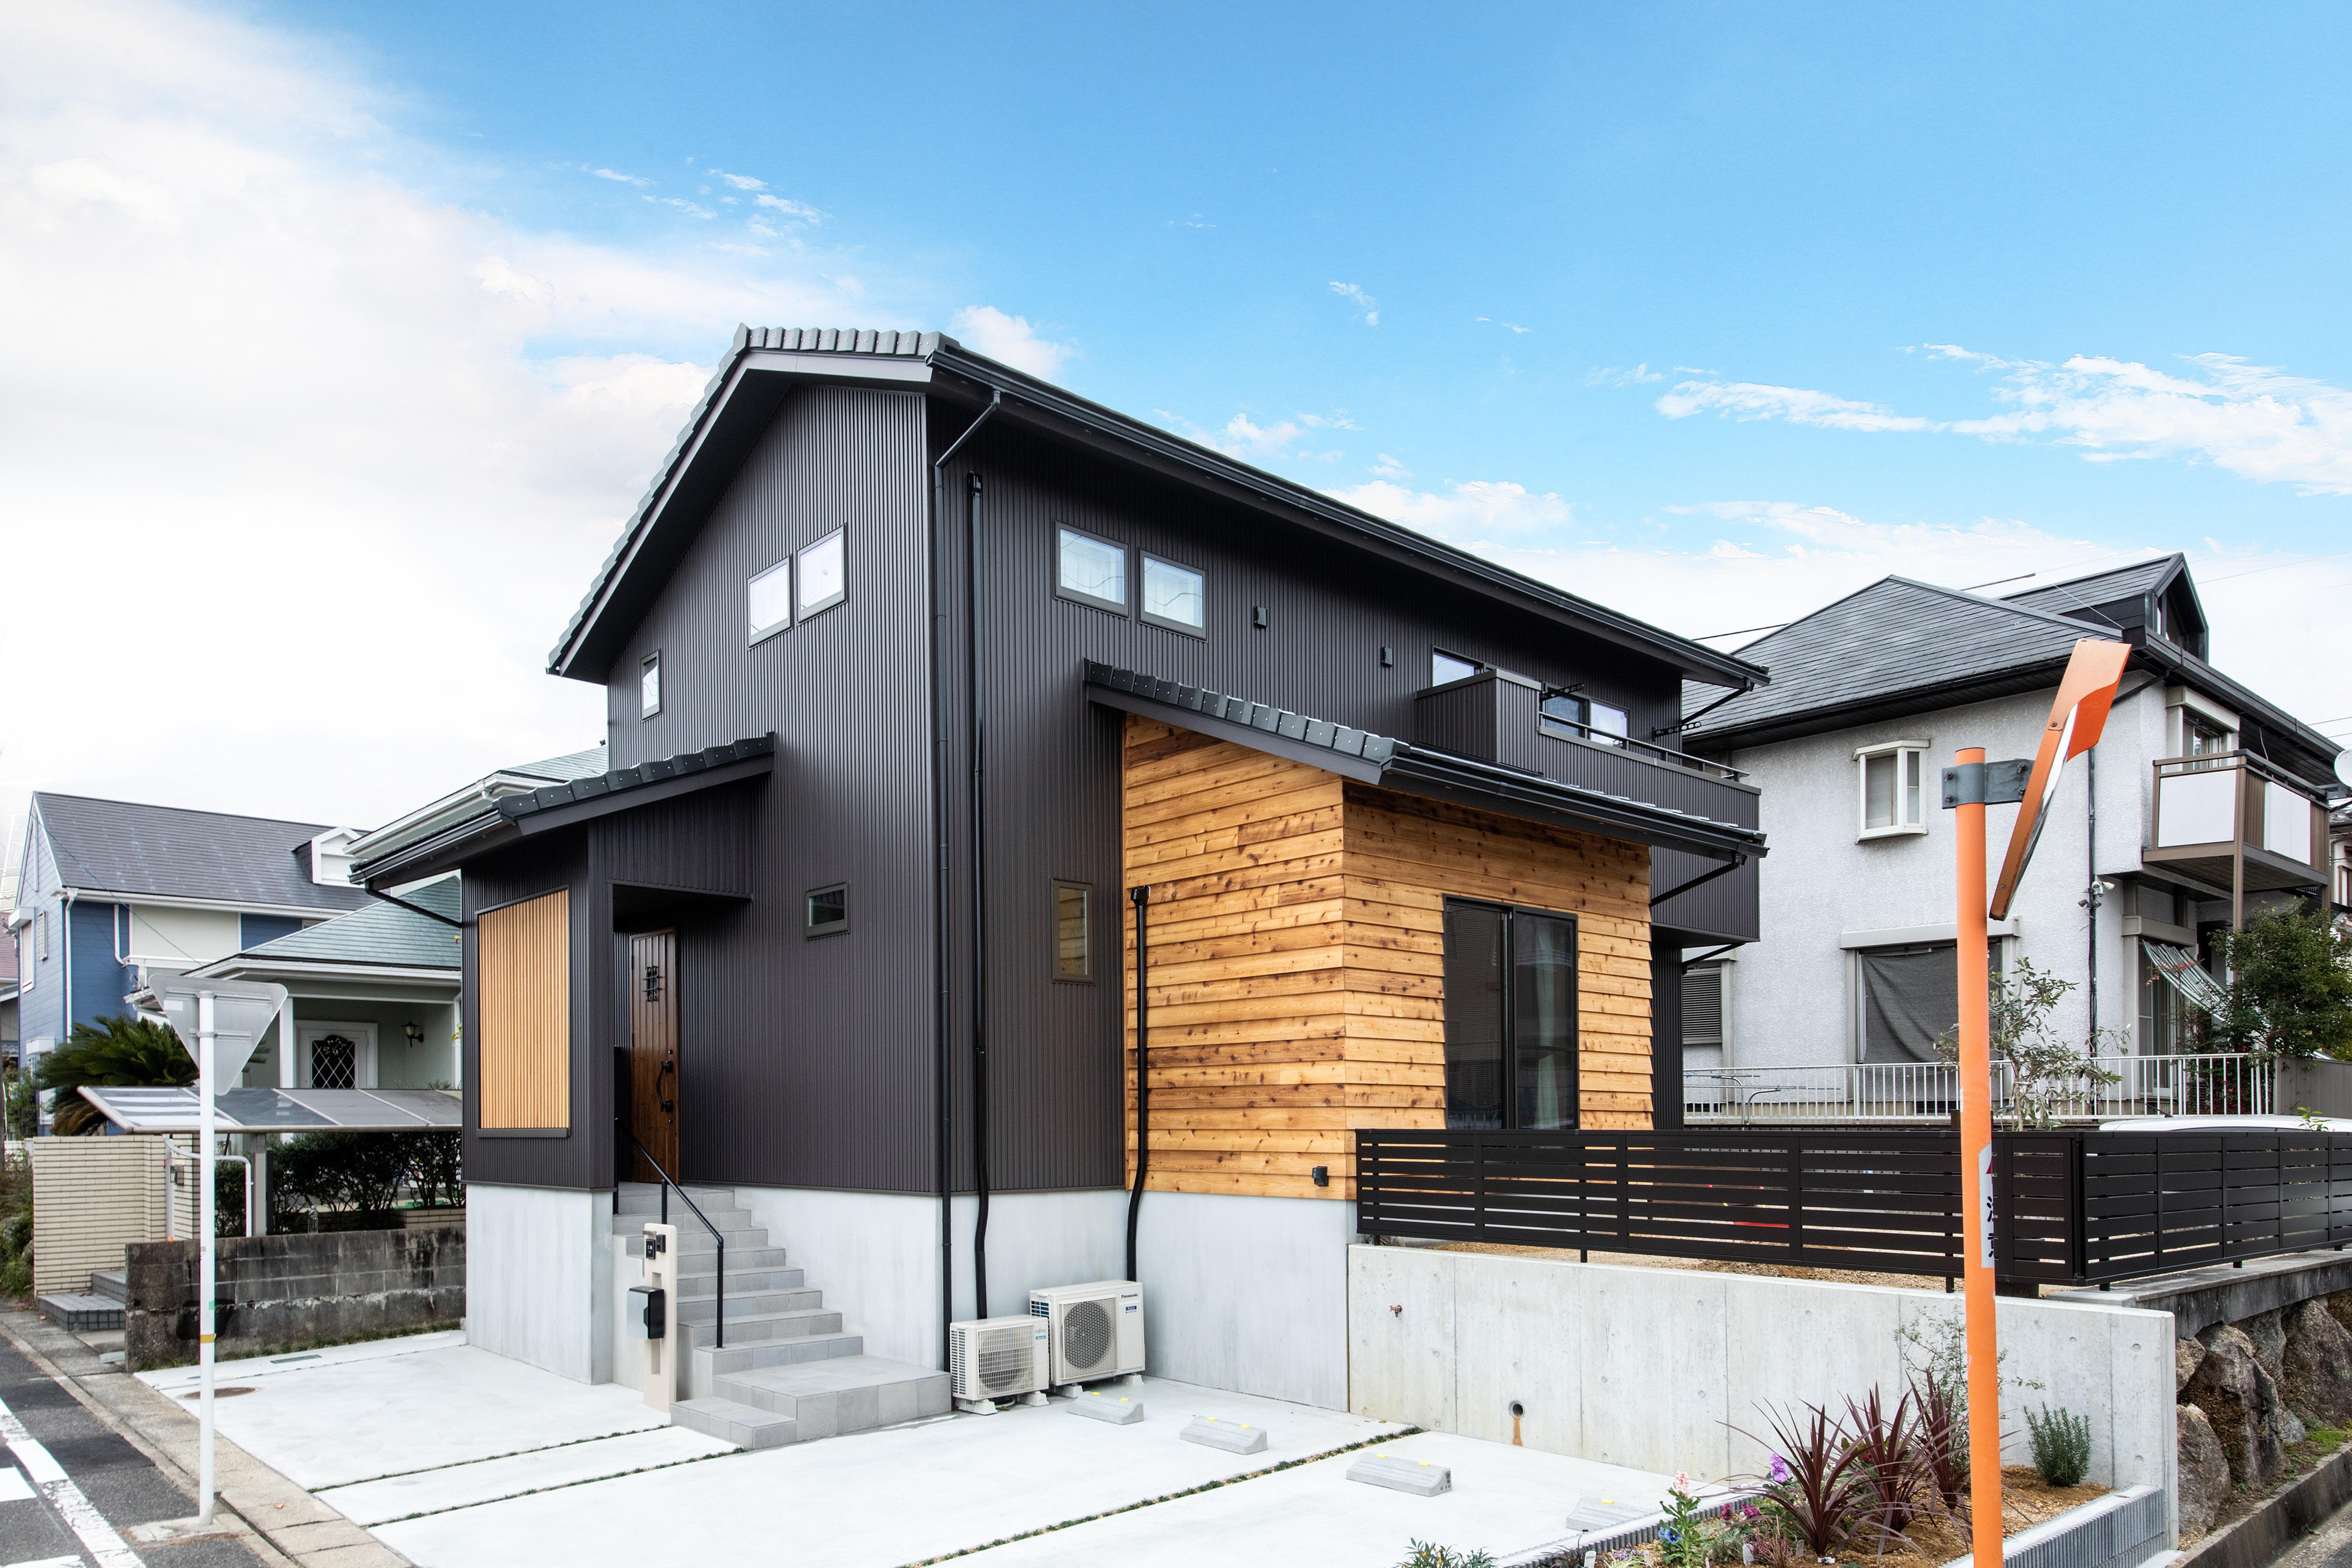 ツリーズ【子育て、自然素材、間取り】こまめにメンテナンスをしなくても快適に暮らせるように、外壁はガルバニウム鋼板を使用している